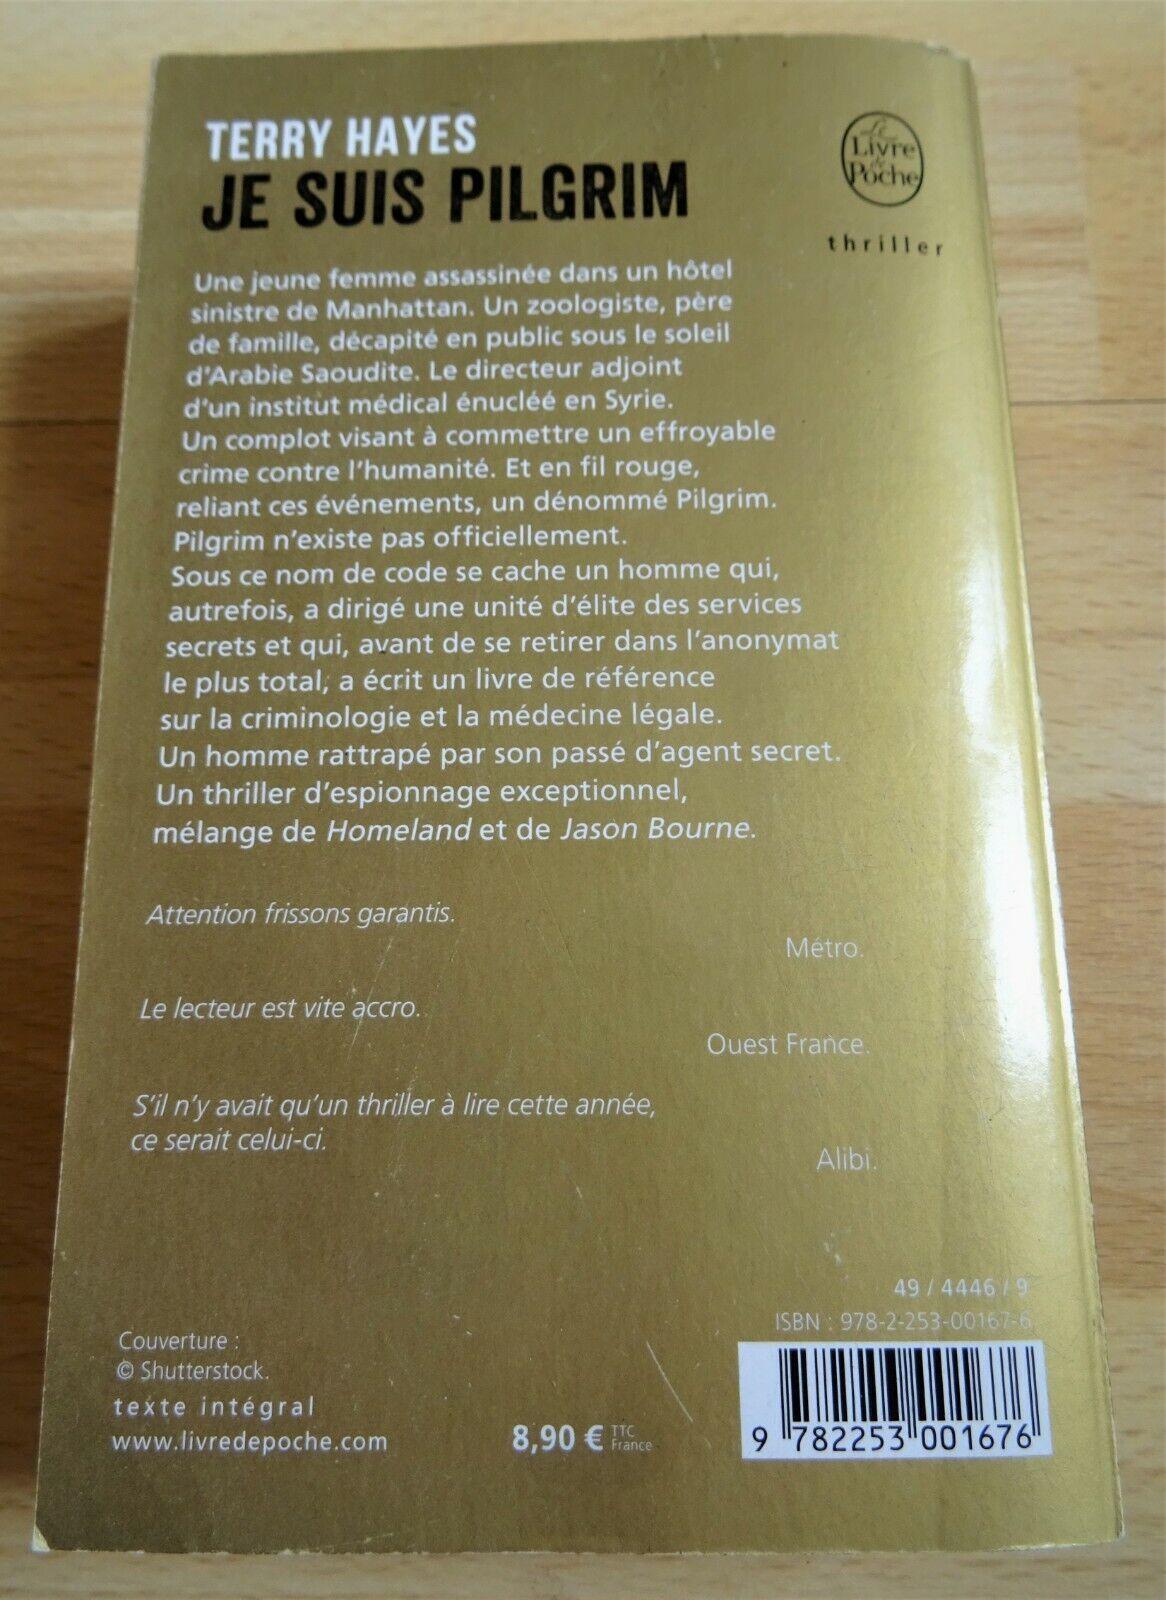 Chrétien de troyes «le chevalier de la charrette» (livre de poche n°4527, 1996)